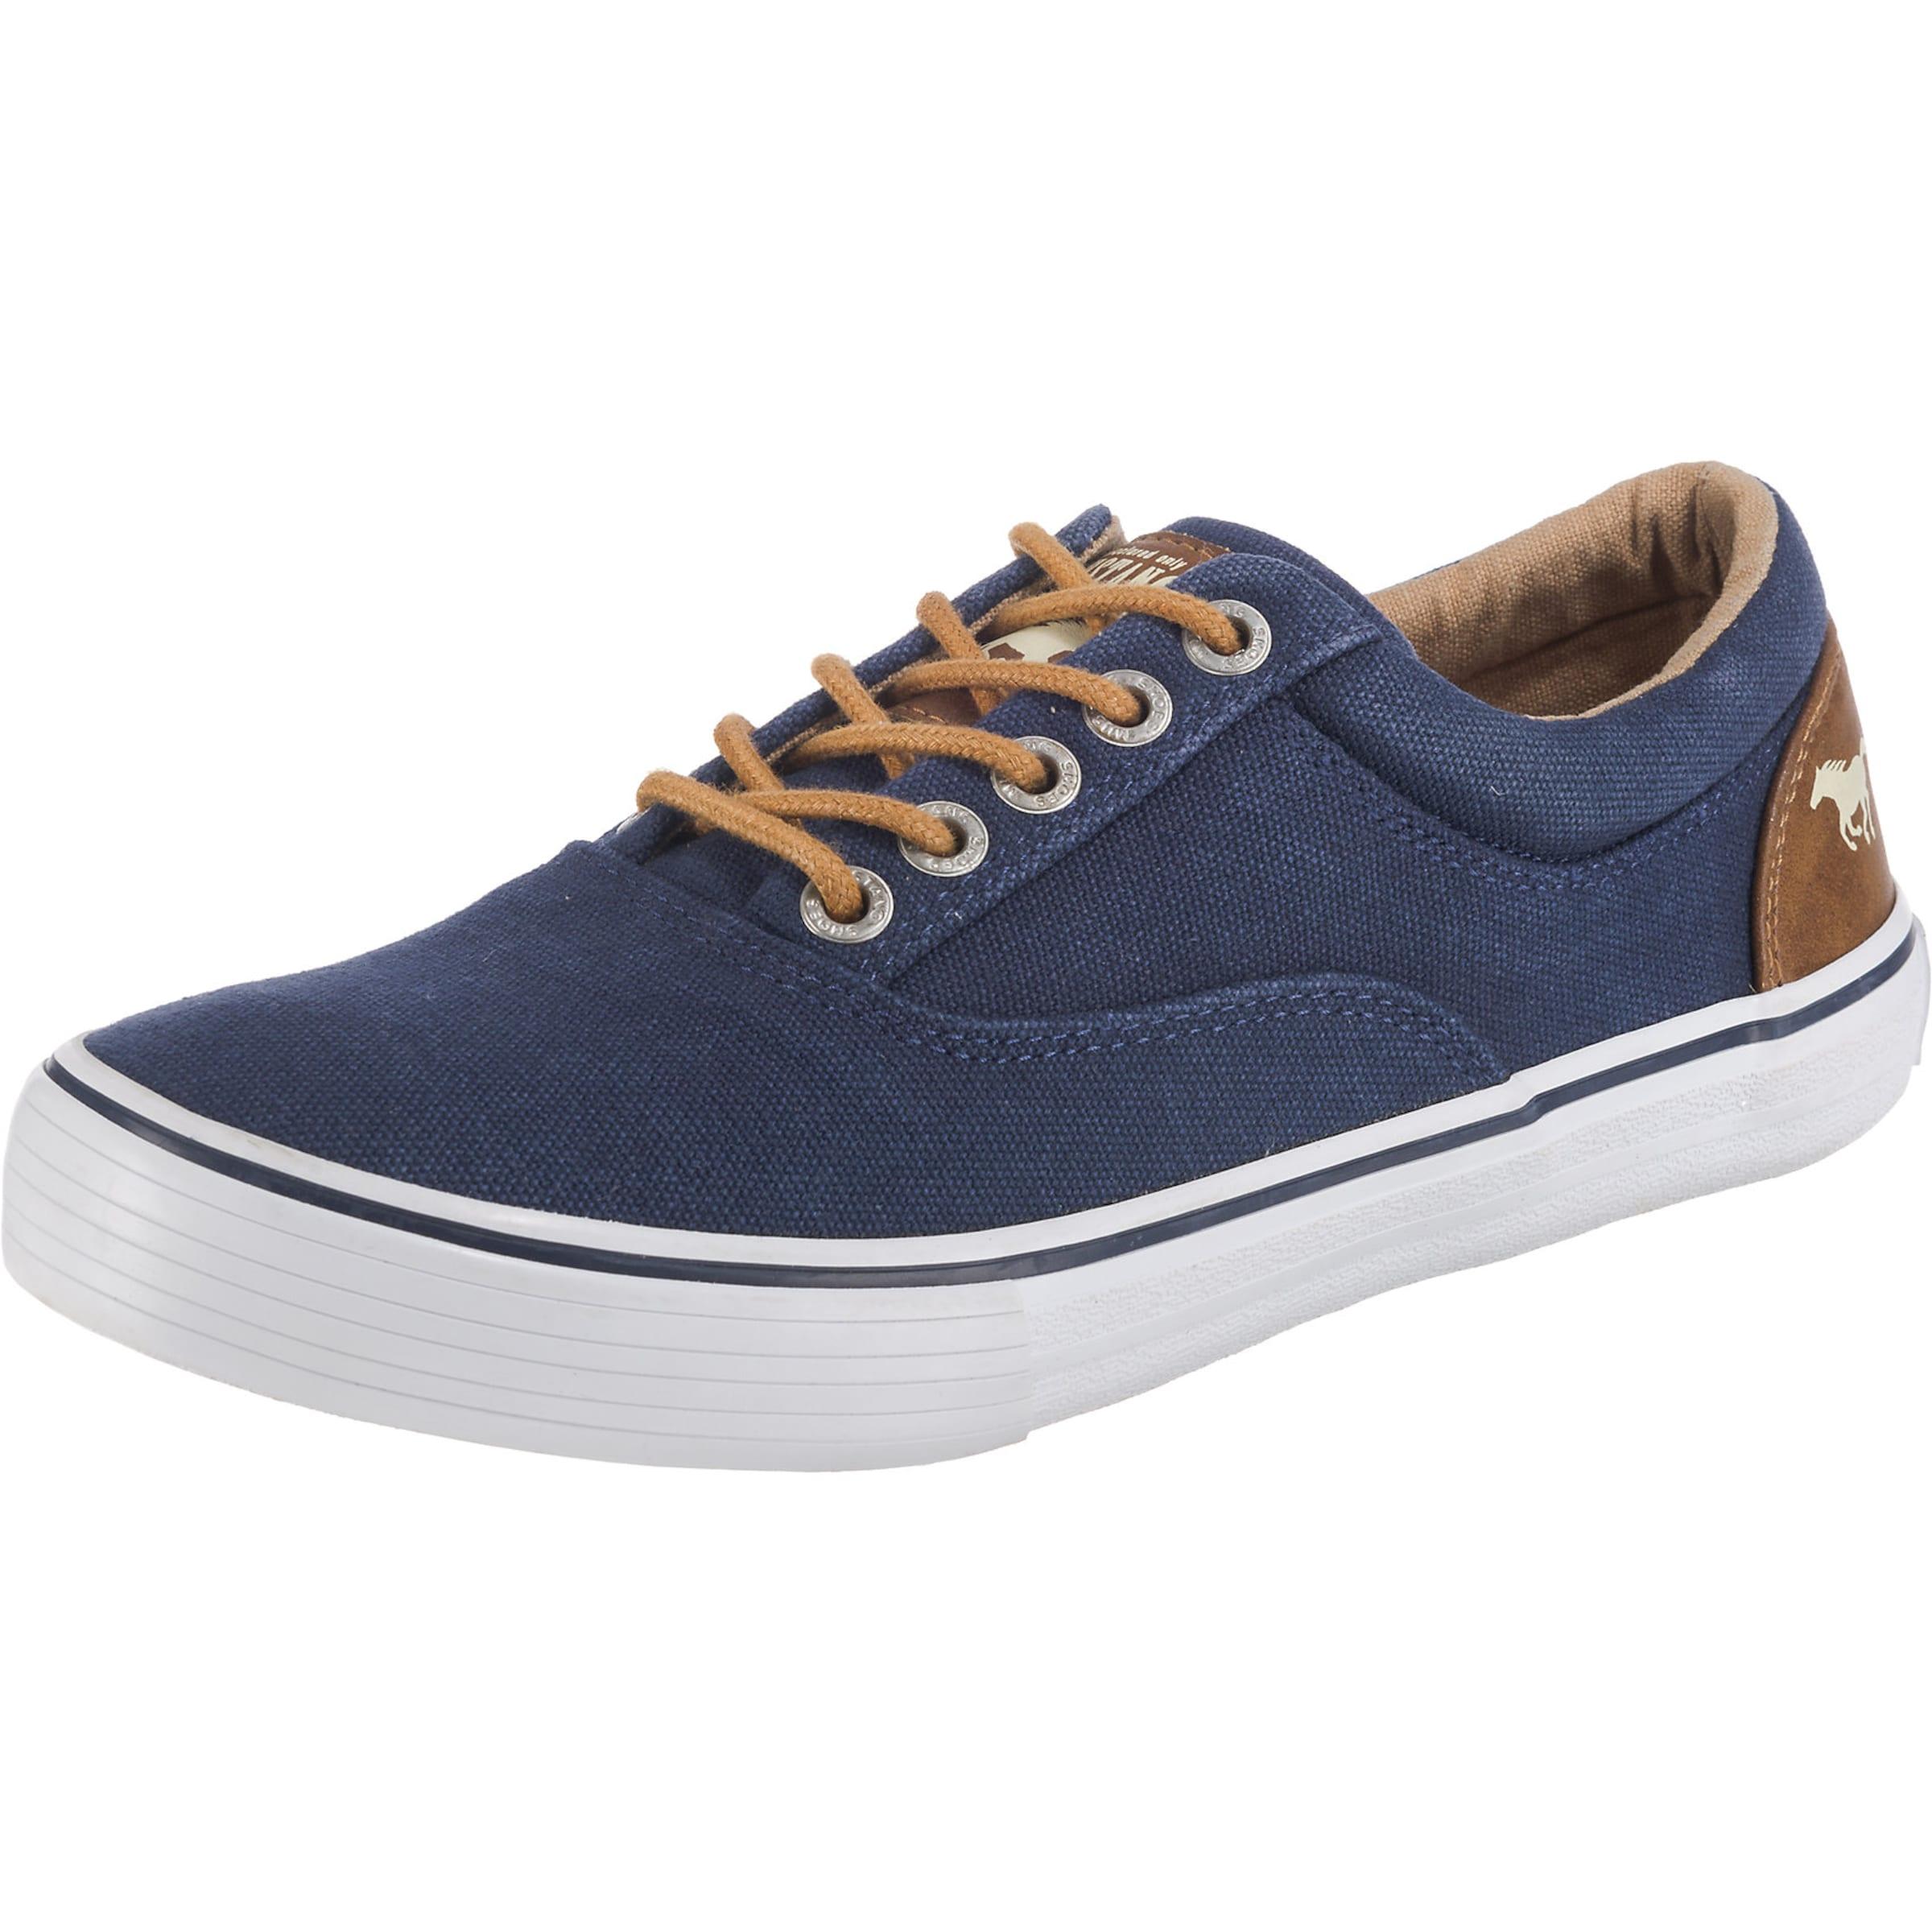 MUSTANG Sneaker in Jeans-Optik Günstige und langlebige Schuhe